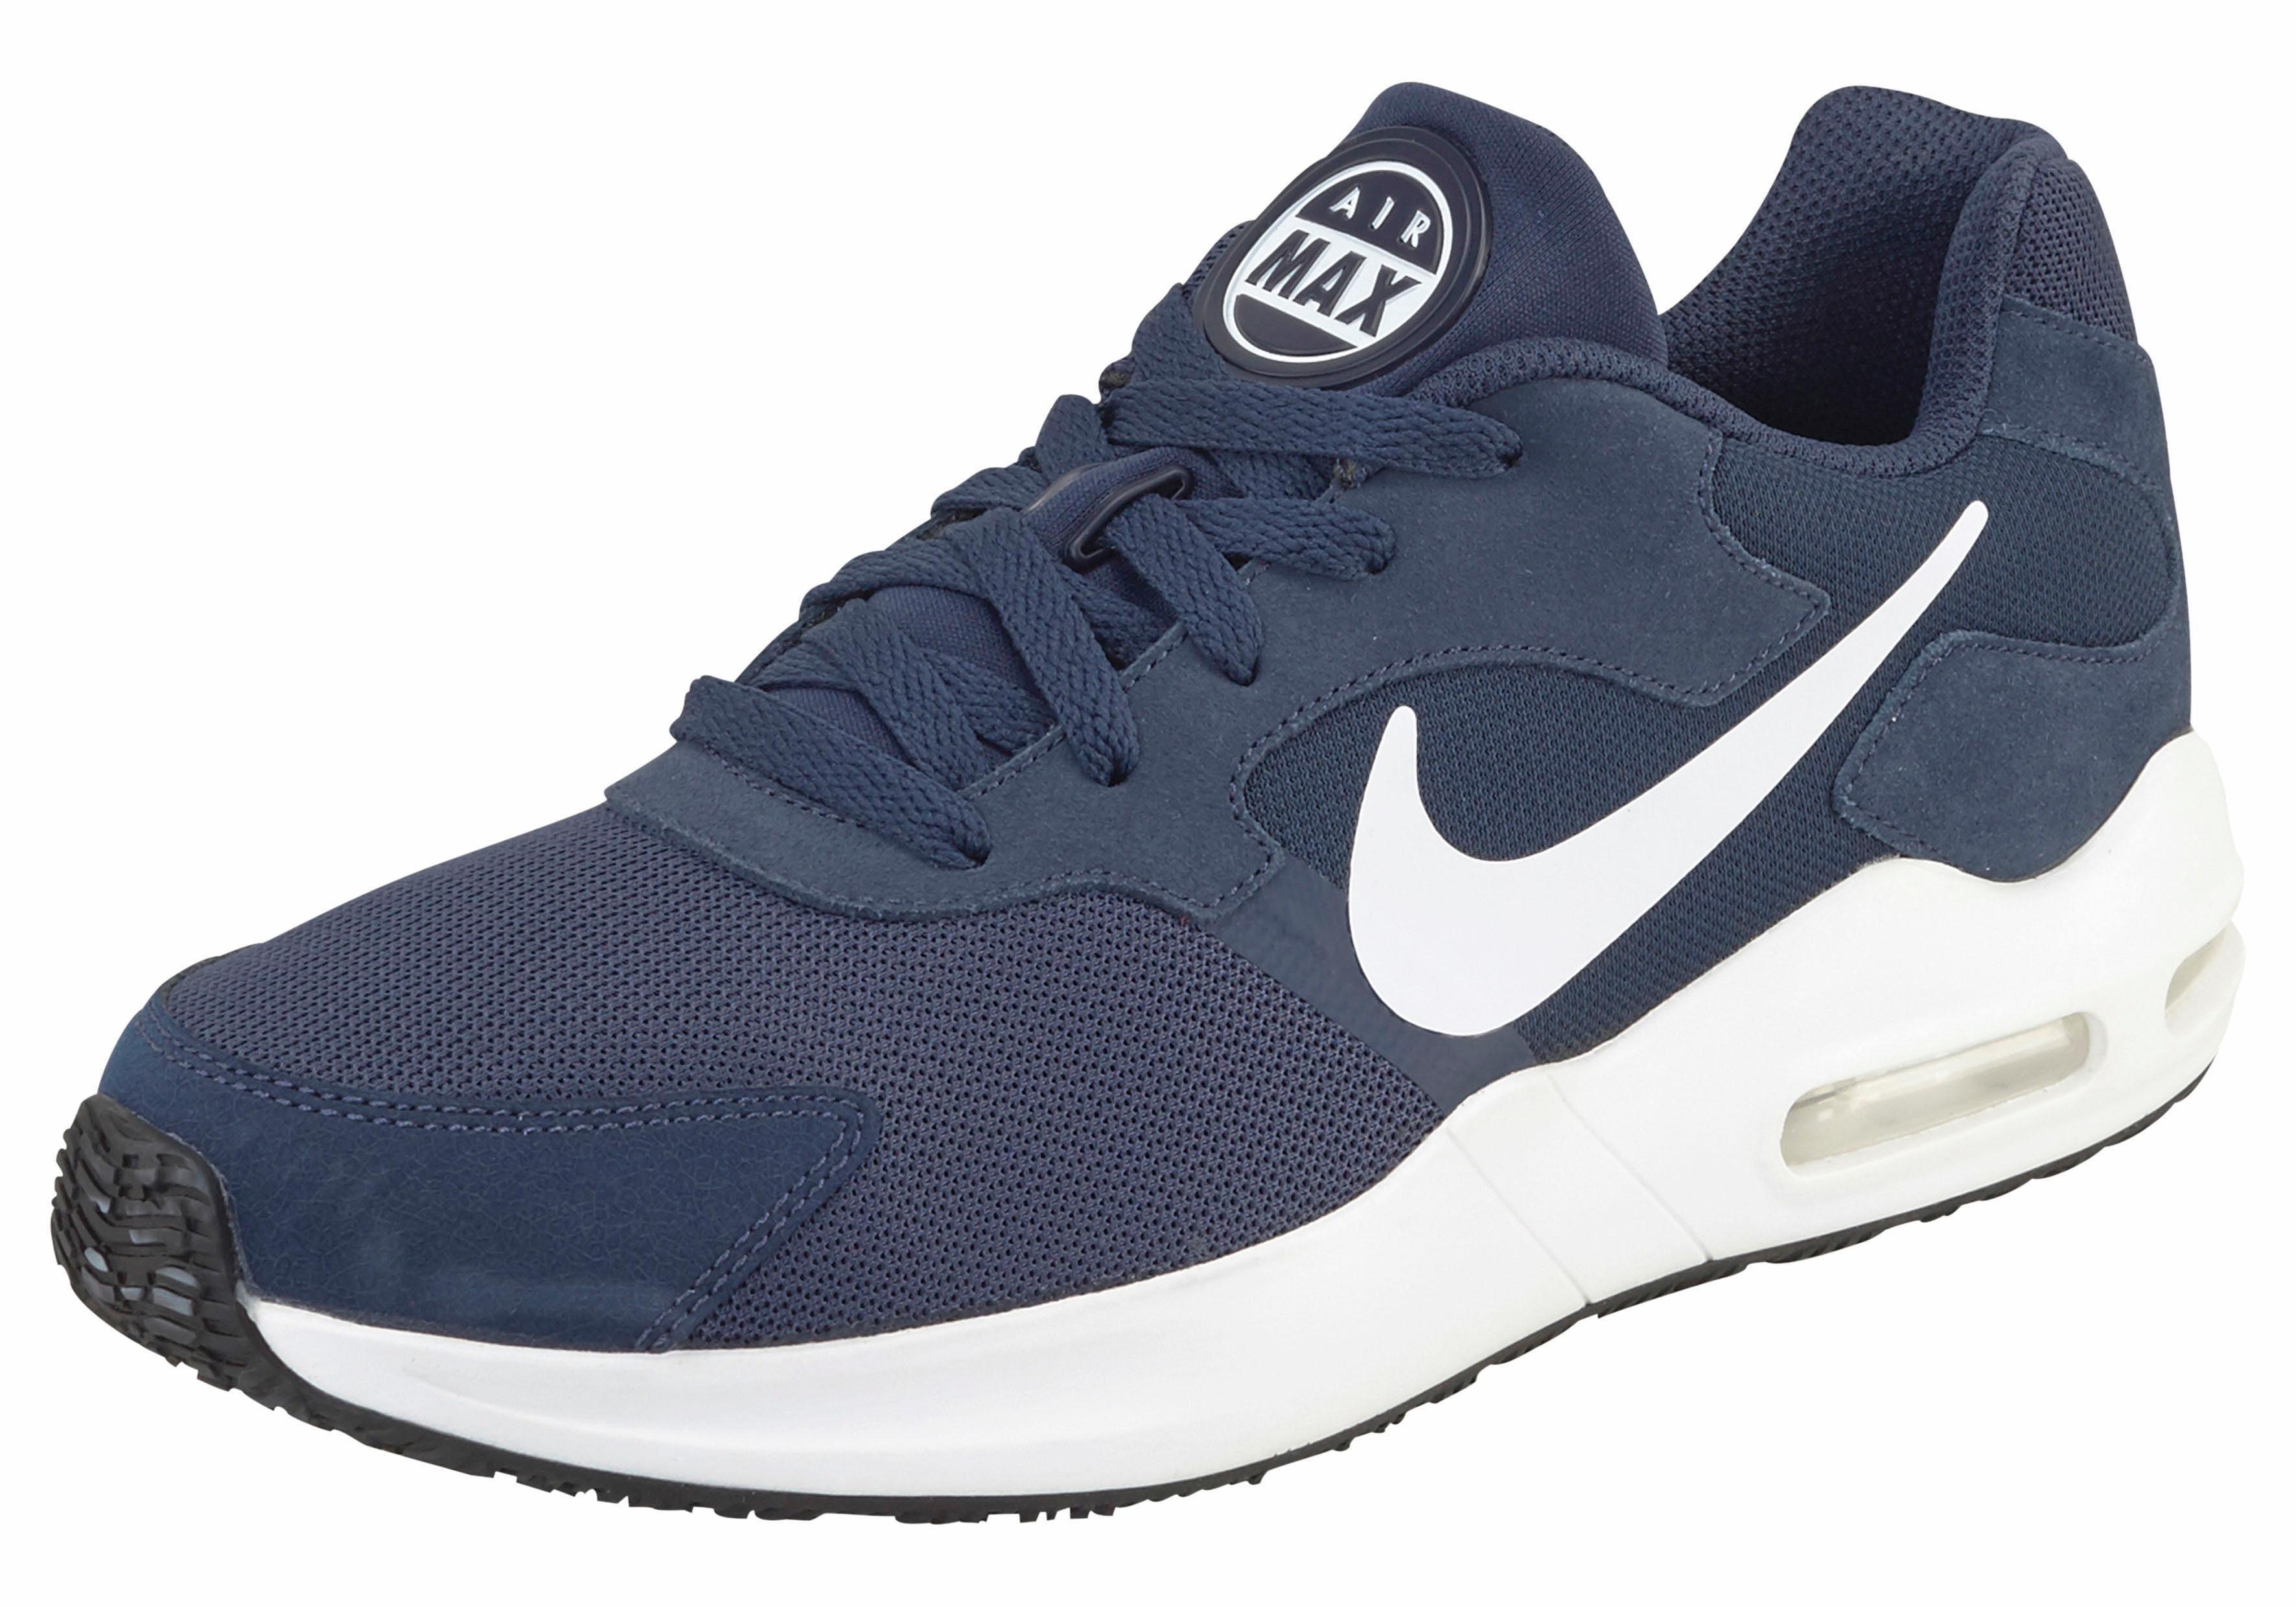 Chaussures K1x Blanc Taille 45 Avec Velcro Pour Les Hommes 1IlwG2bb